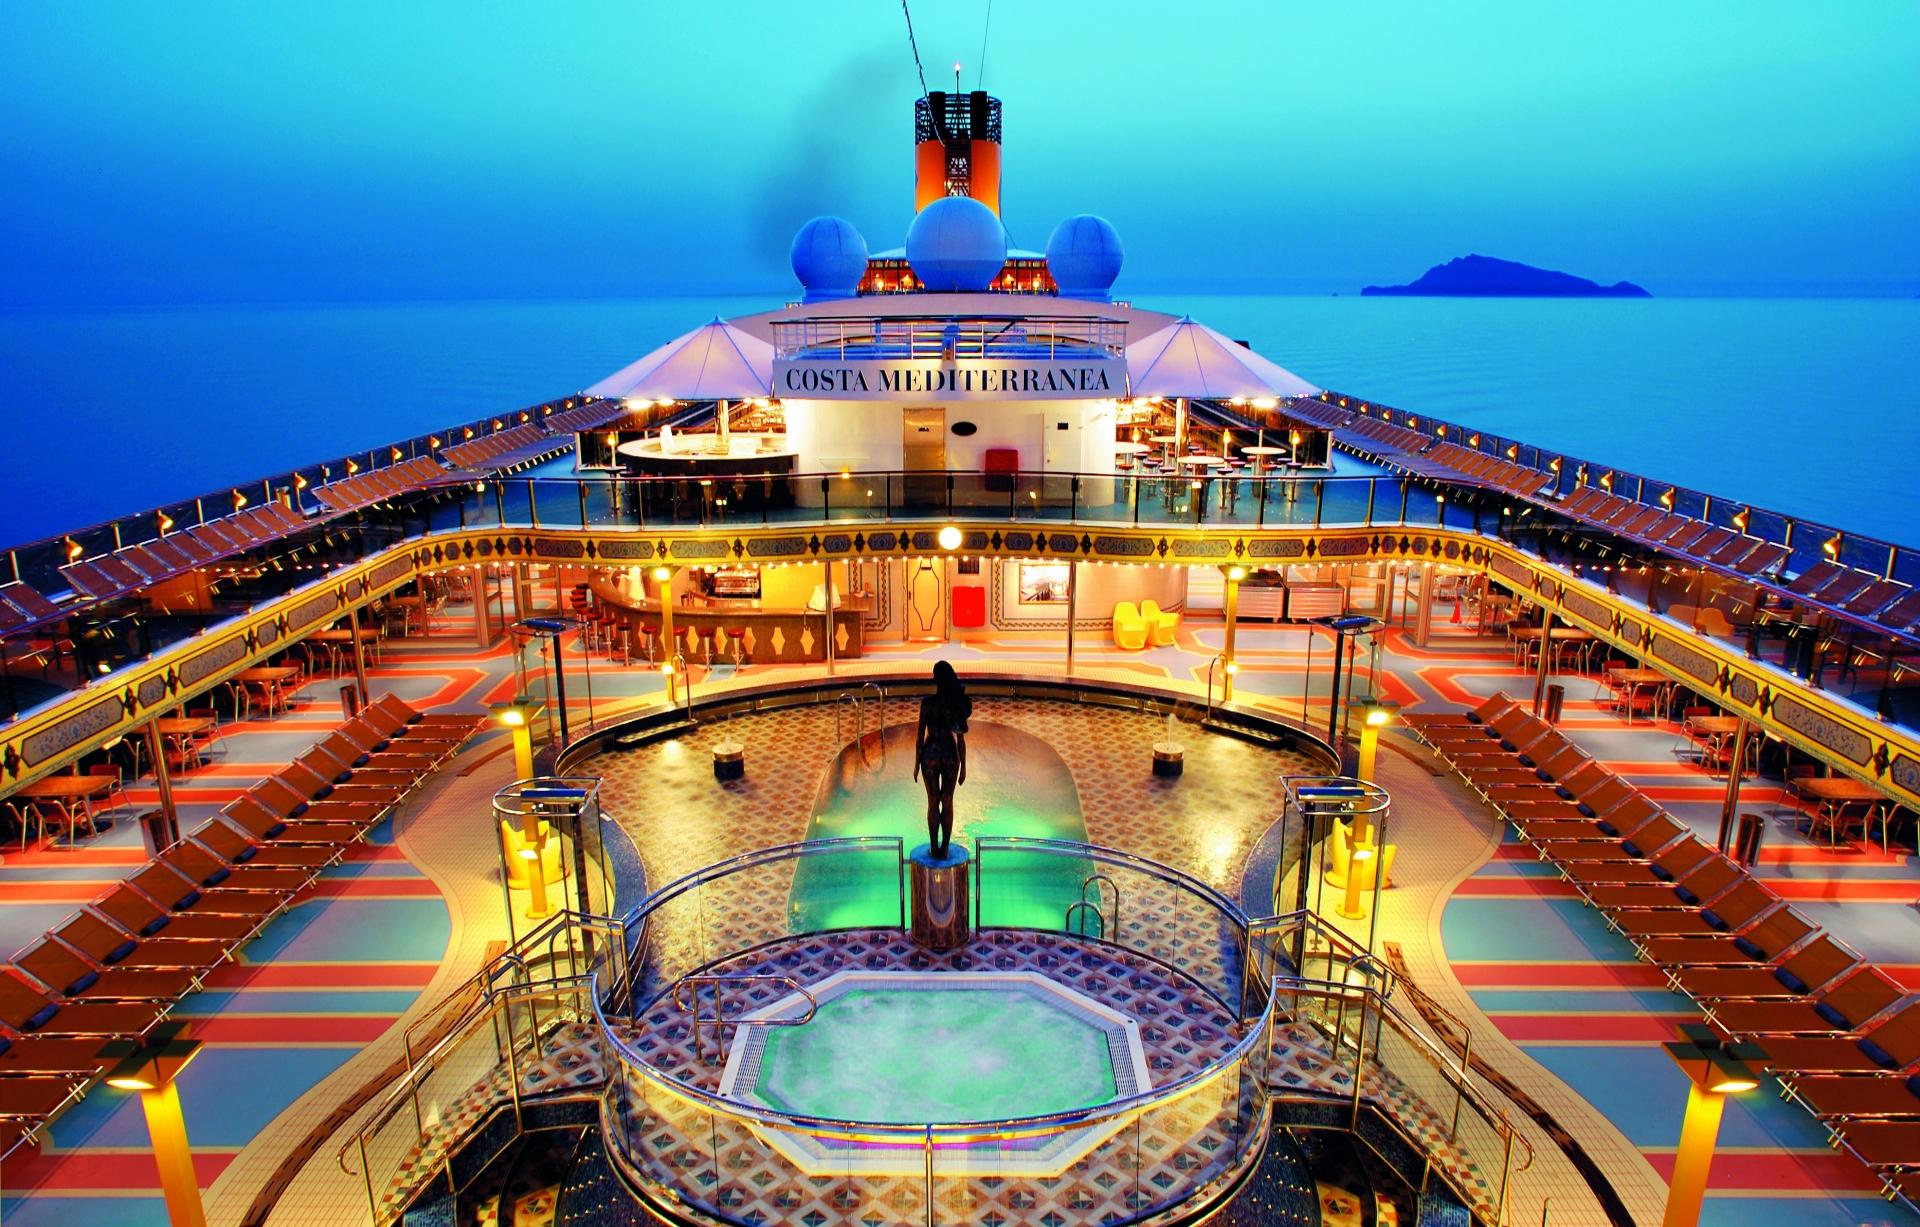 Schiffsreisenportal-Kreuzfahrten-Schiffsreisen-Weltreisen_Costa-Mediterranea-Costa Crociere S.p.A.